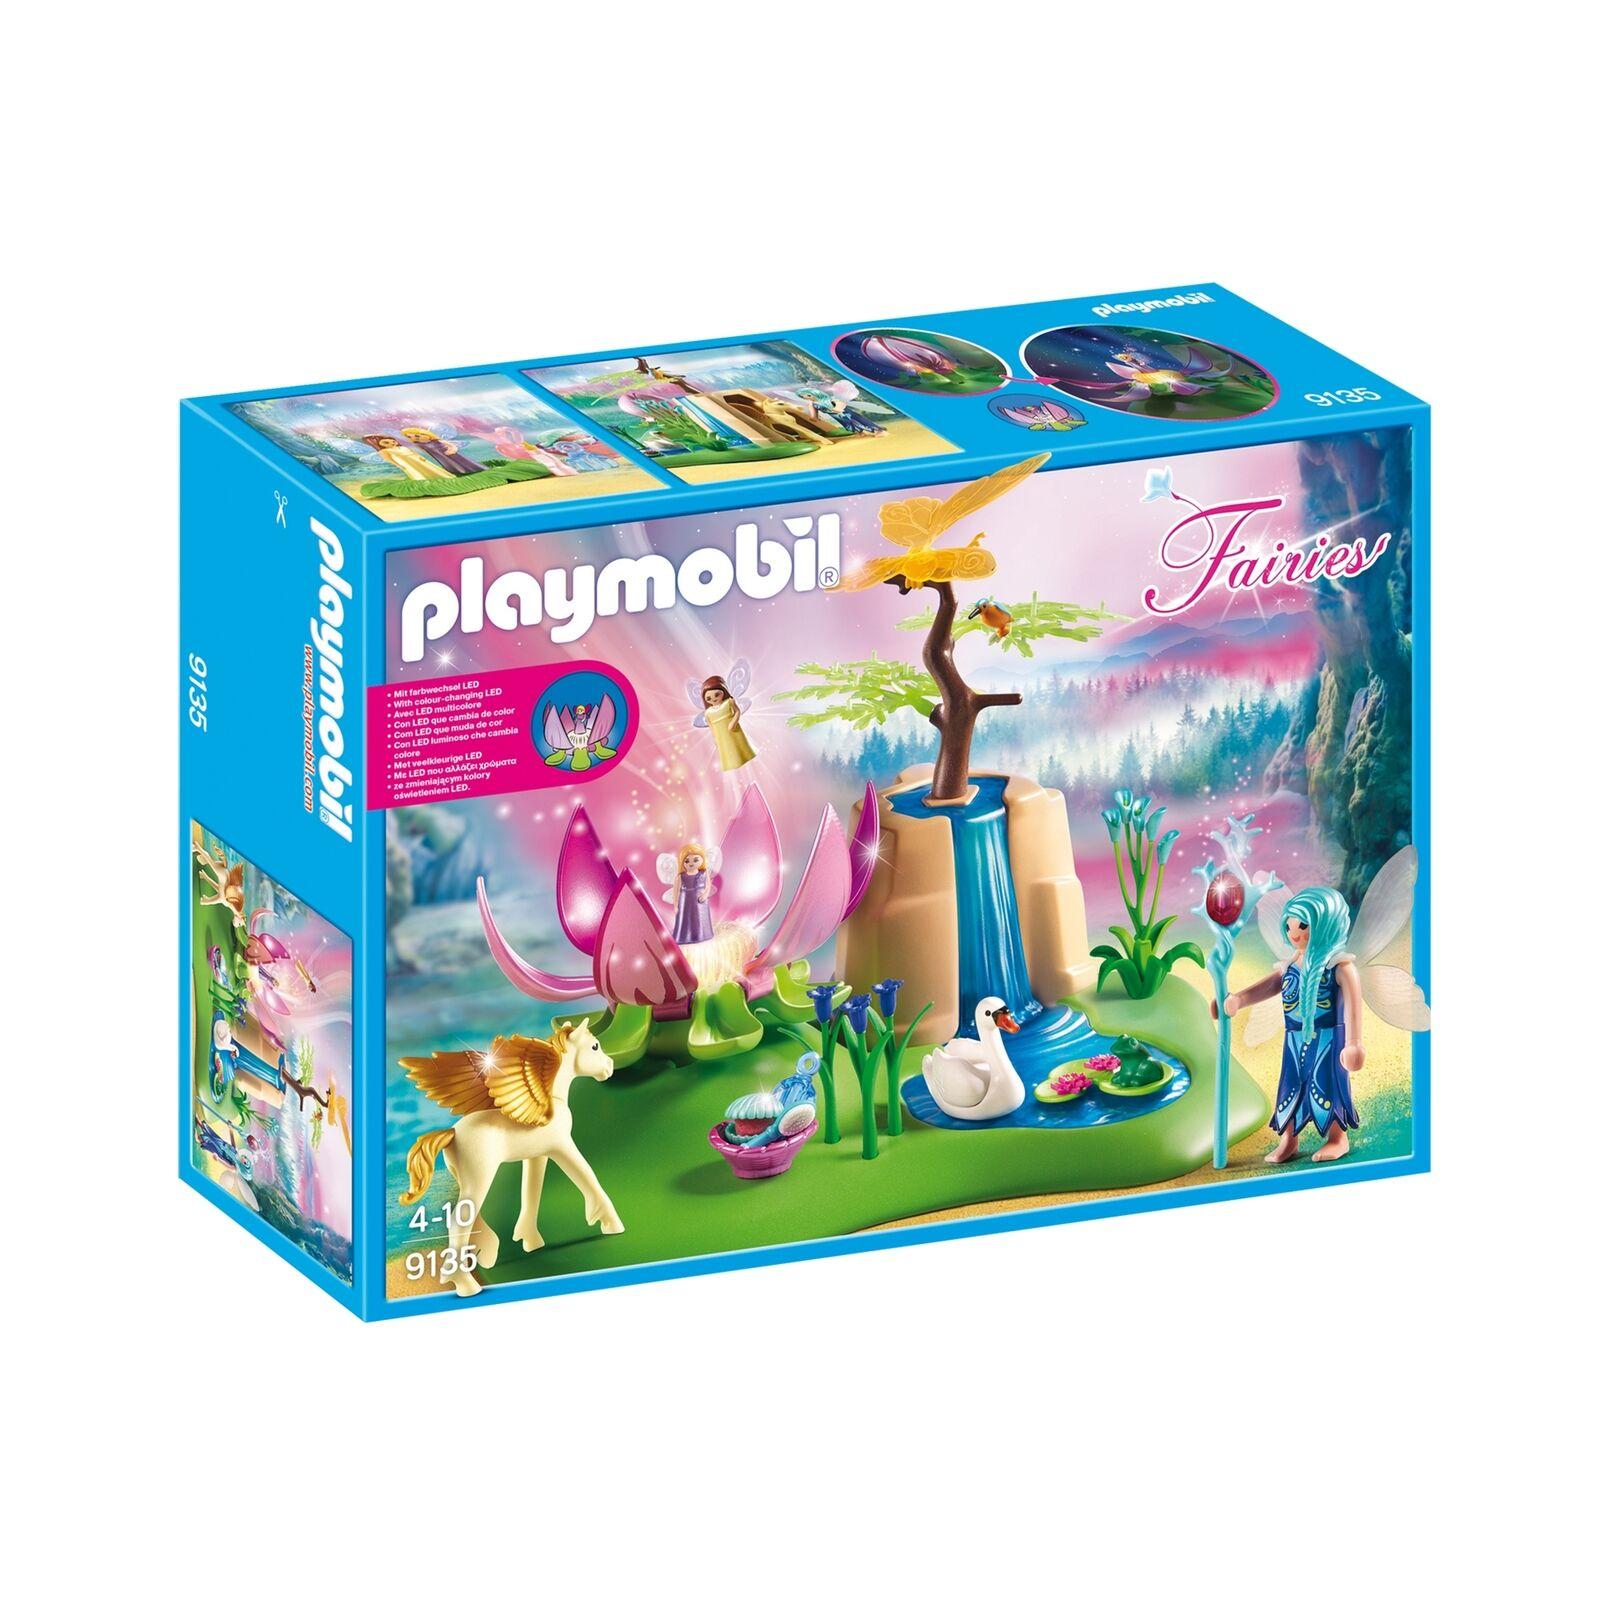 Playmobil Fées 9135 Mystique Fée Glen Accessoires & Figurines Set